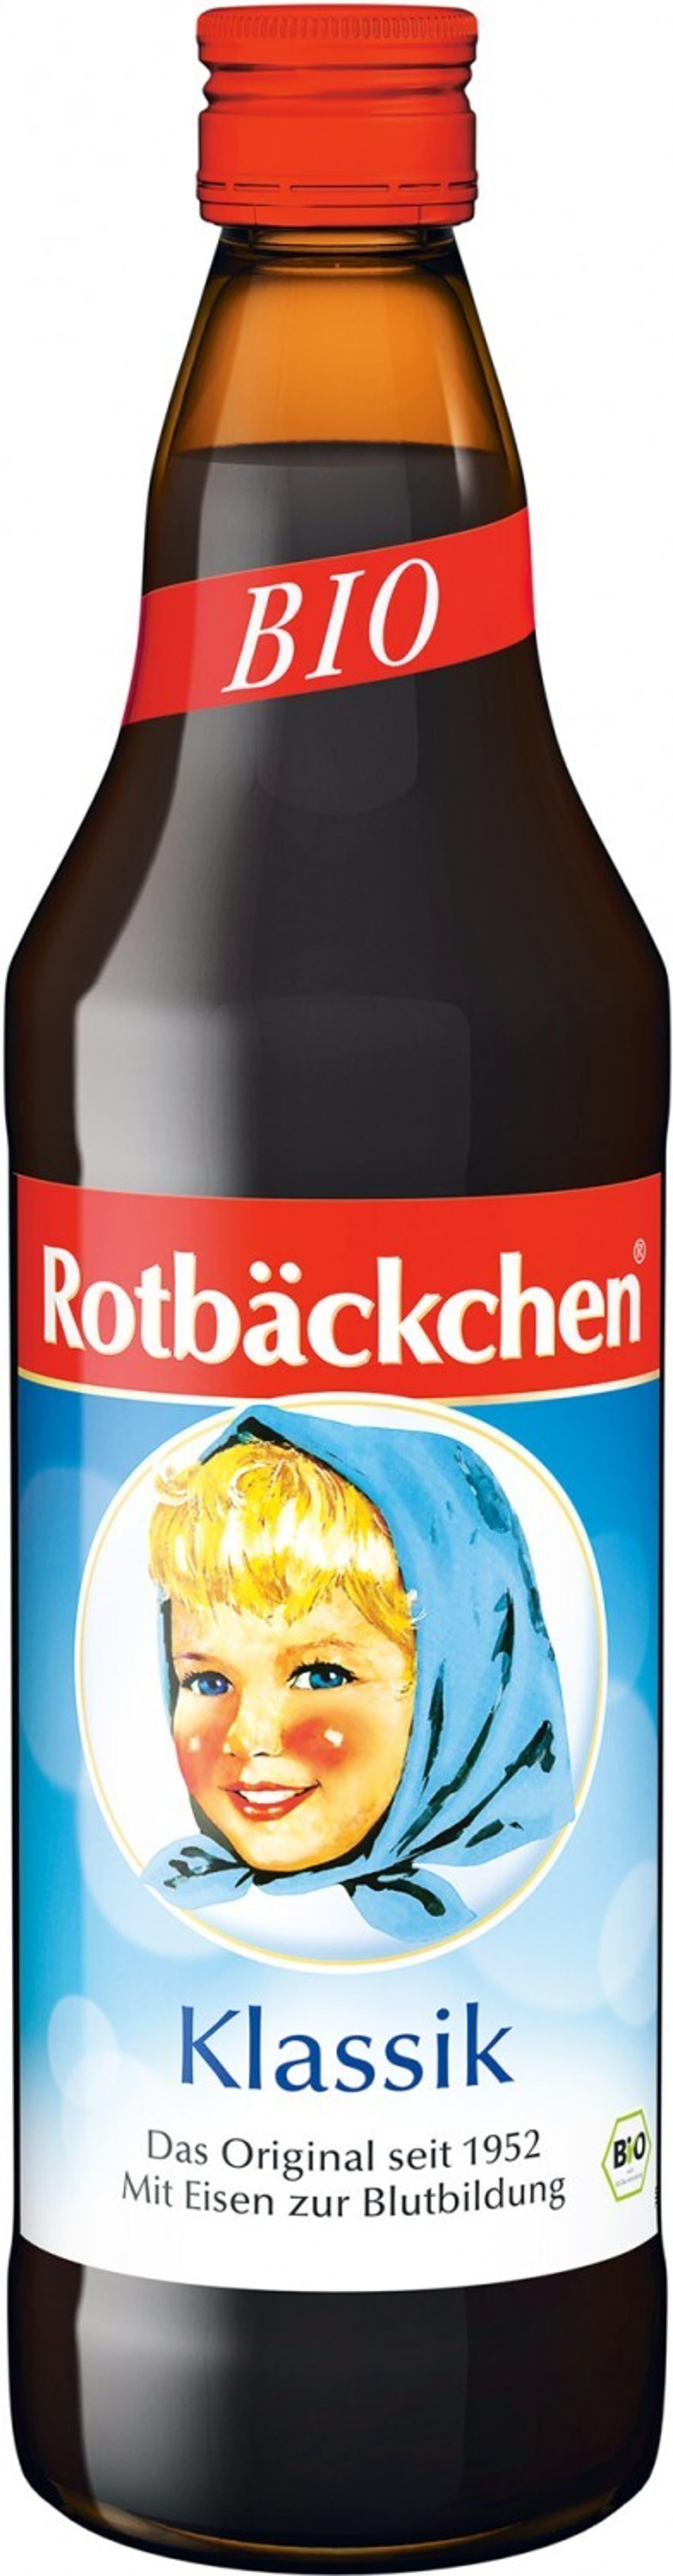 Bb rotbaeckchen